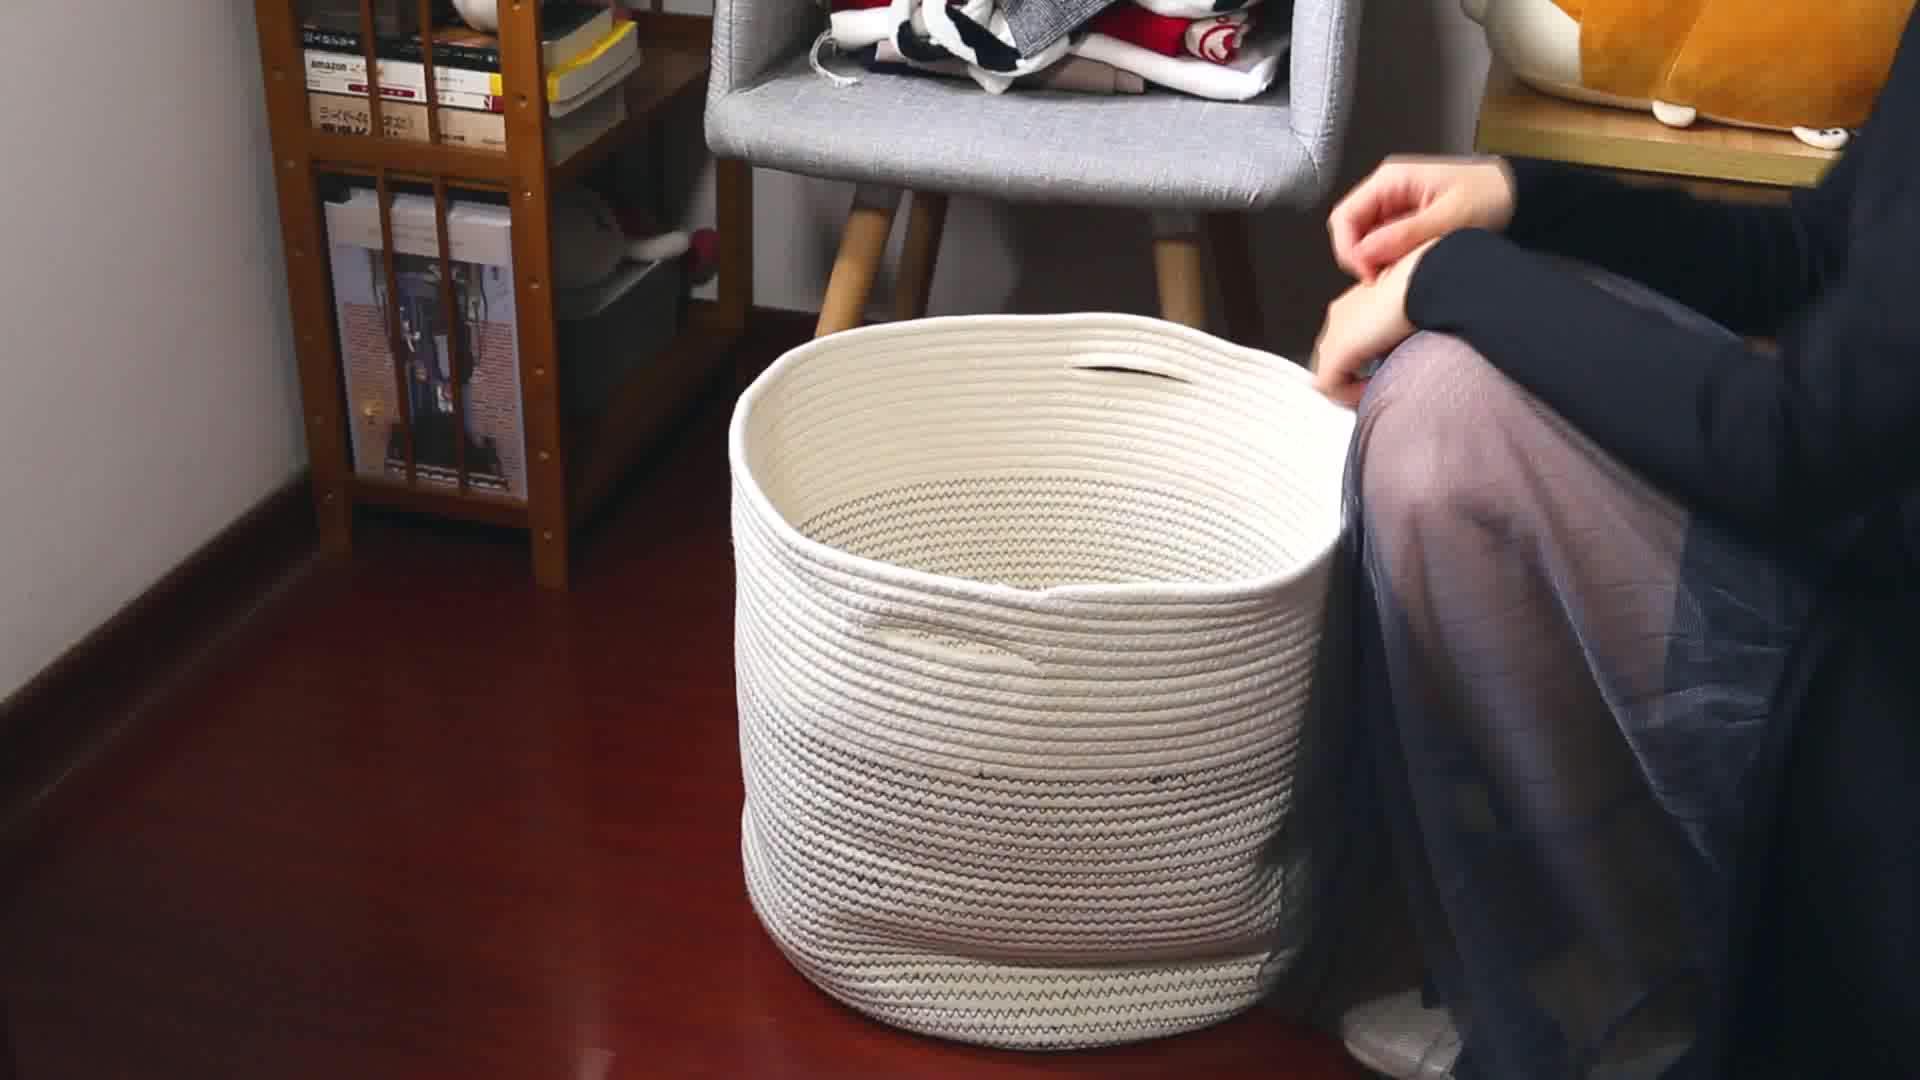 QJMAX Bông Sợi Dây Thừng Dệt Kim Lớn Quần Áo Bẩn Giặt Giỏ Với Xử Lý Lưu Trữ Tổ Chức Cho Đồ Chơi Trẻ Em